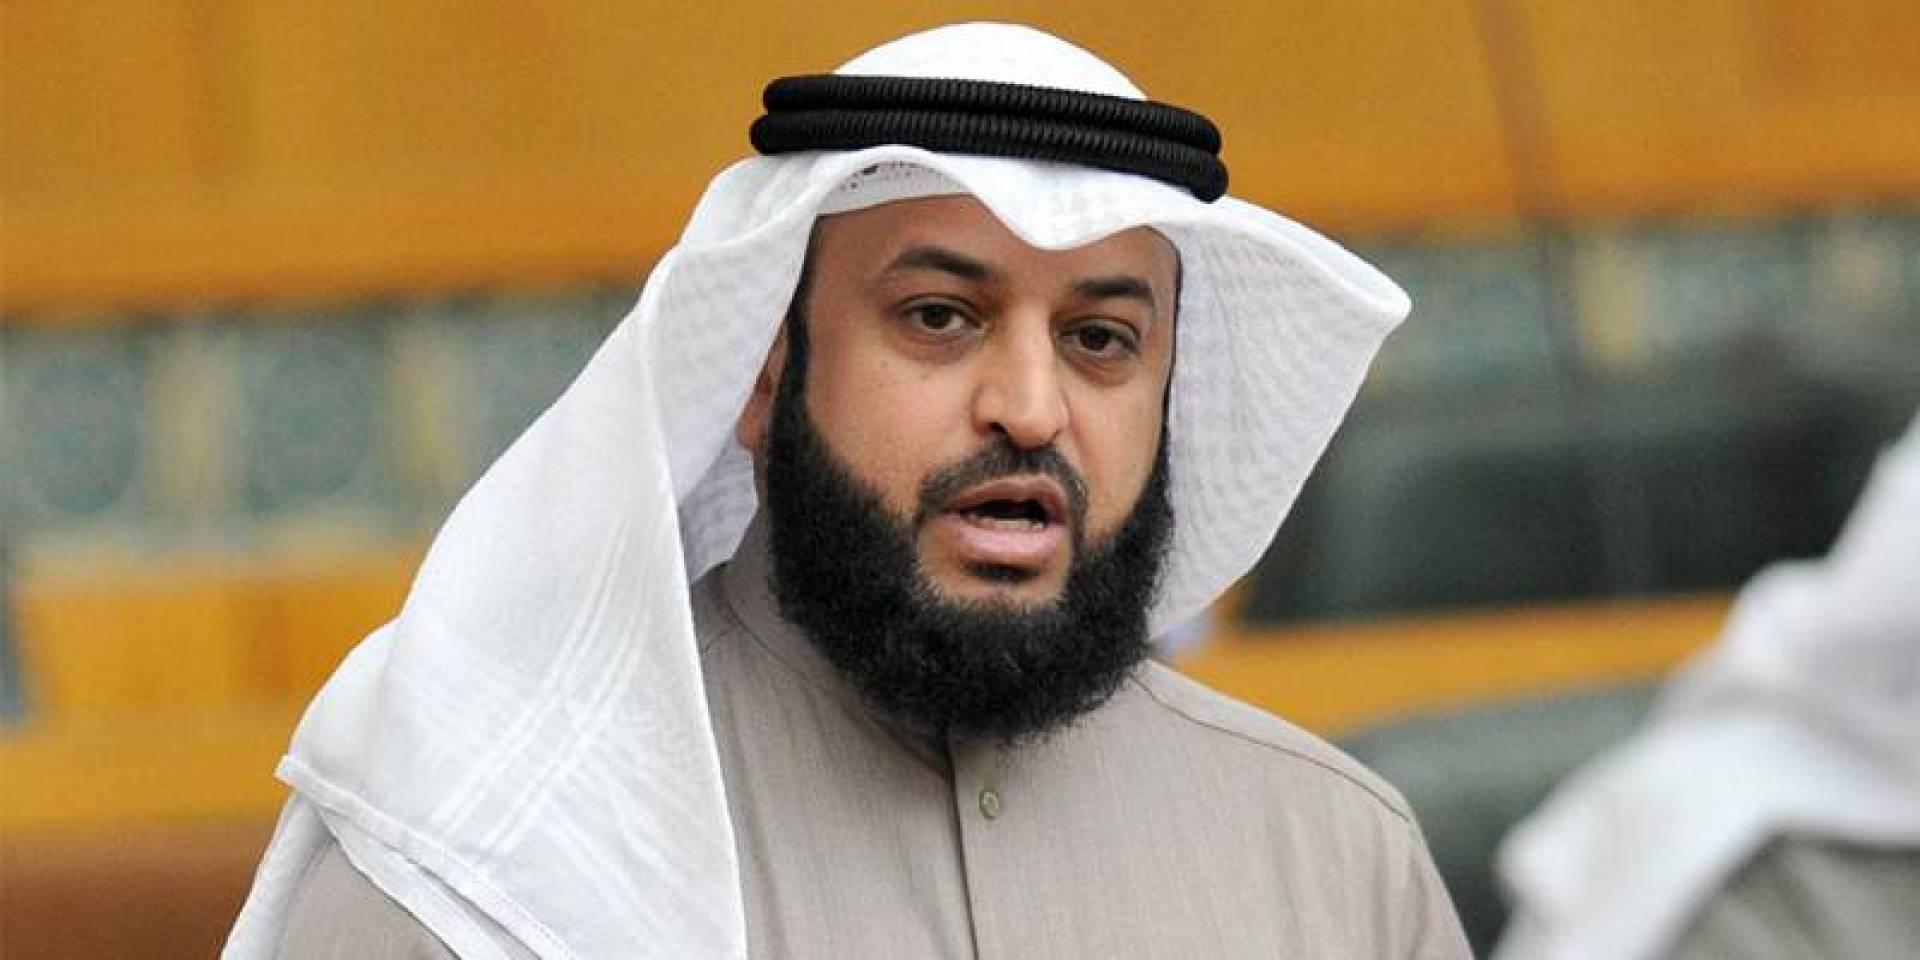 مصدر مطلع لـ«القبس»: الخارجية لم تتسلم قرار استدعاء القائم بالأعمال الكويتي لدى طهران